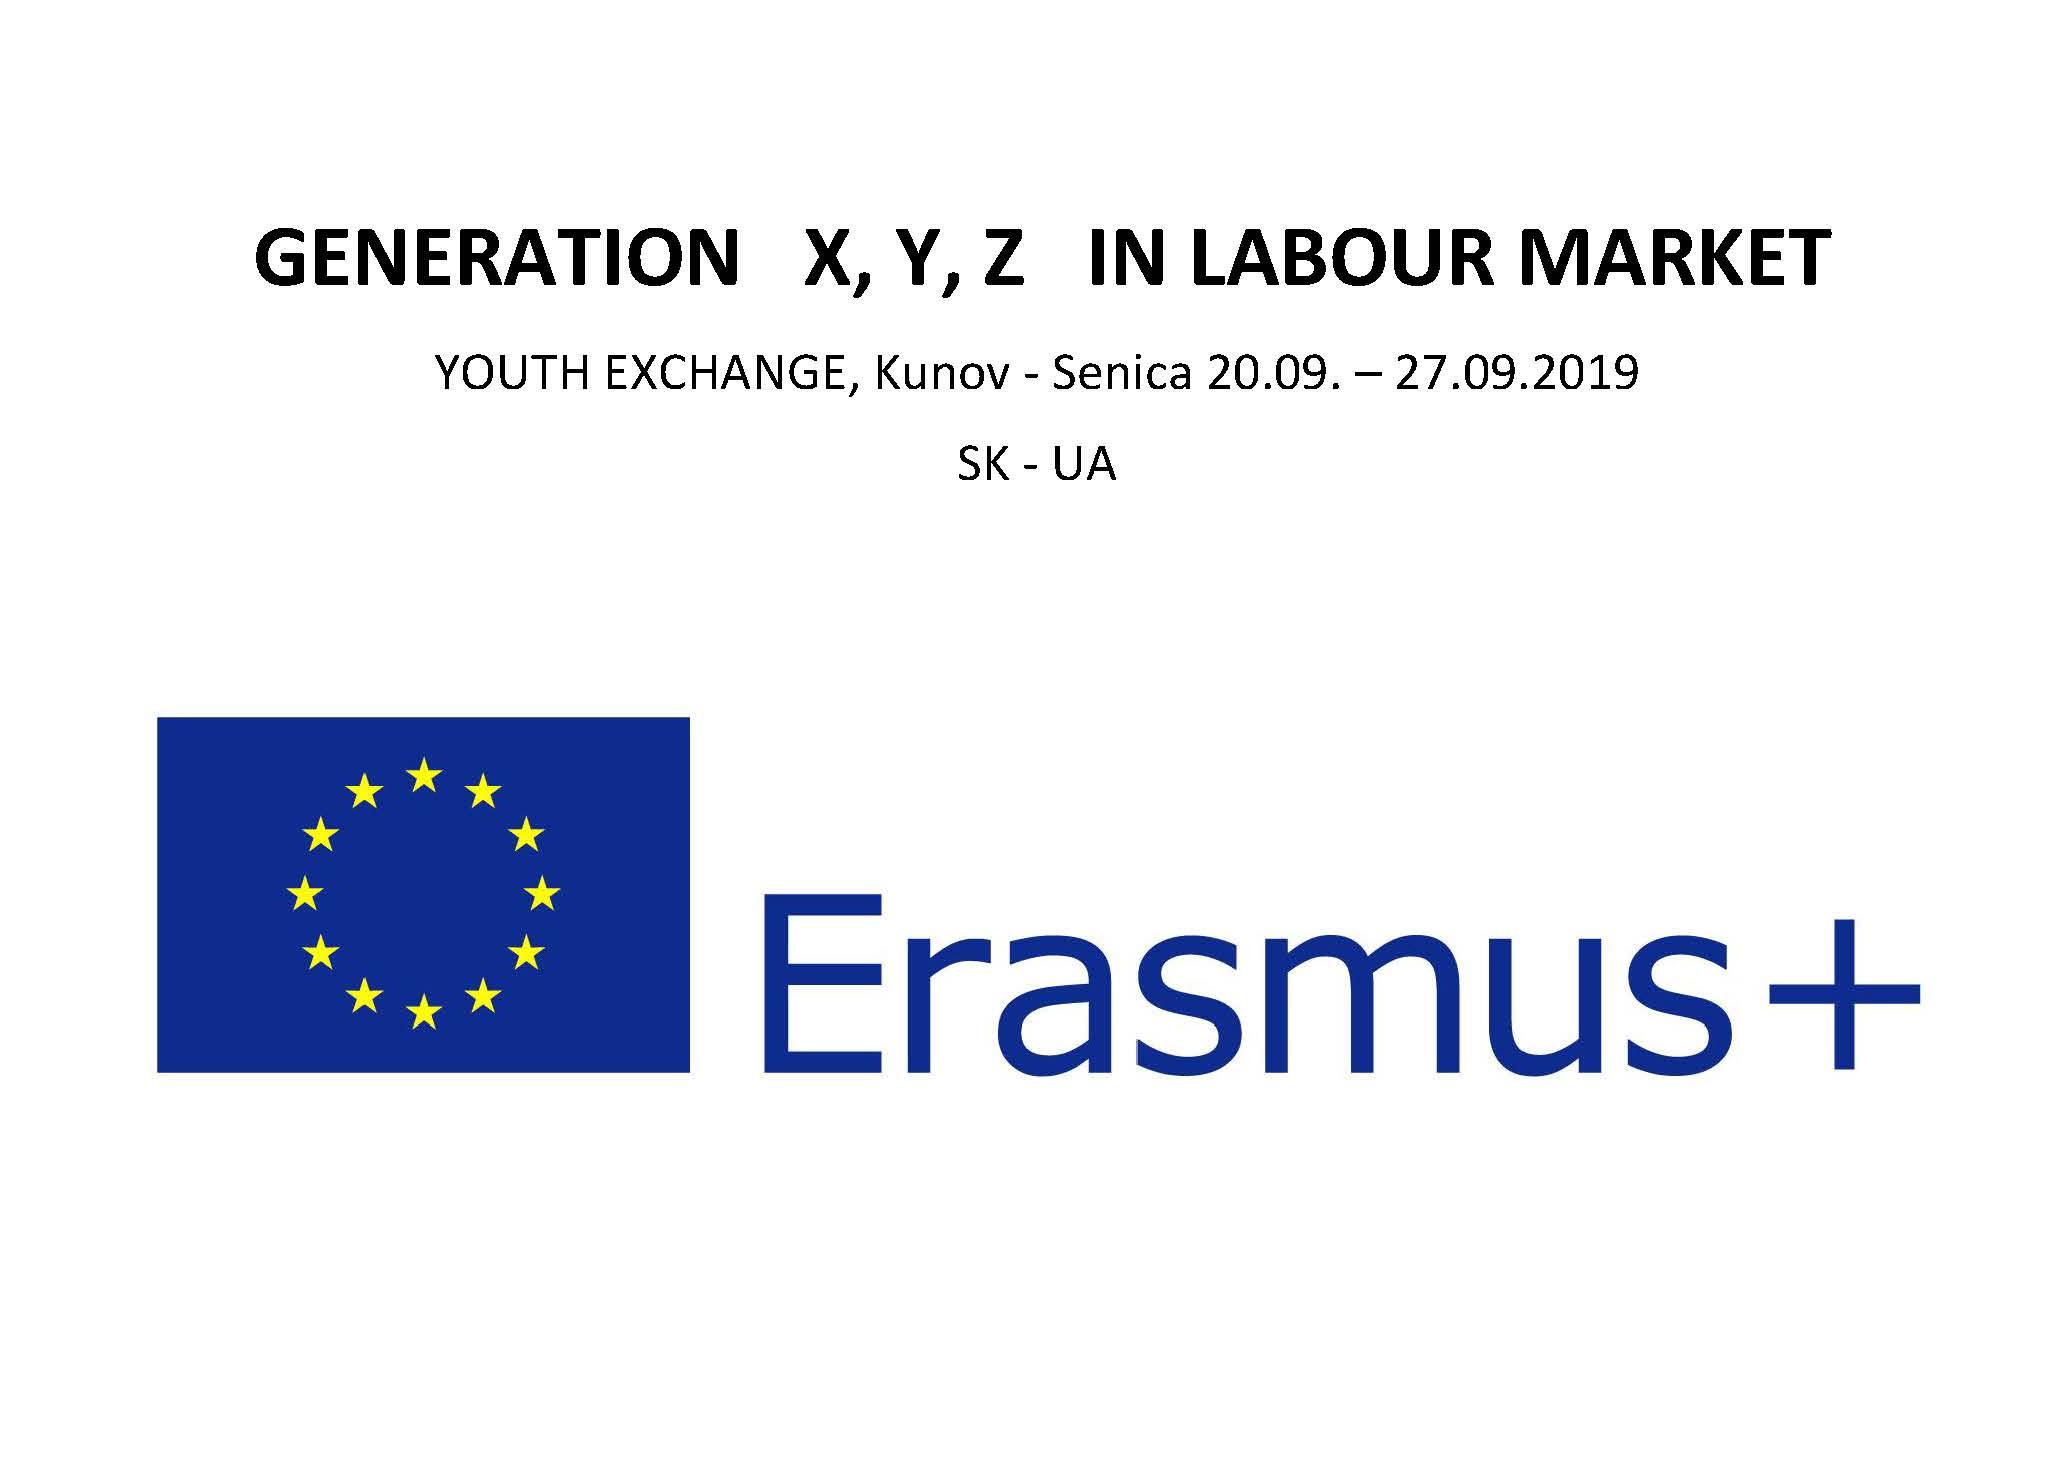 Erasmus_Projekt_A4  kpiajpg